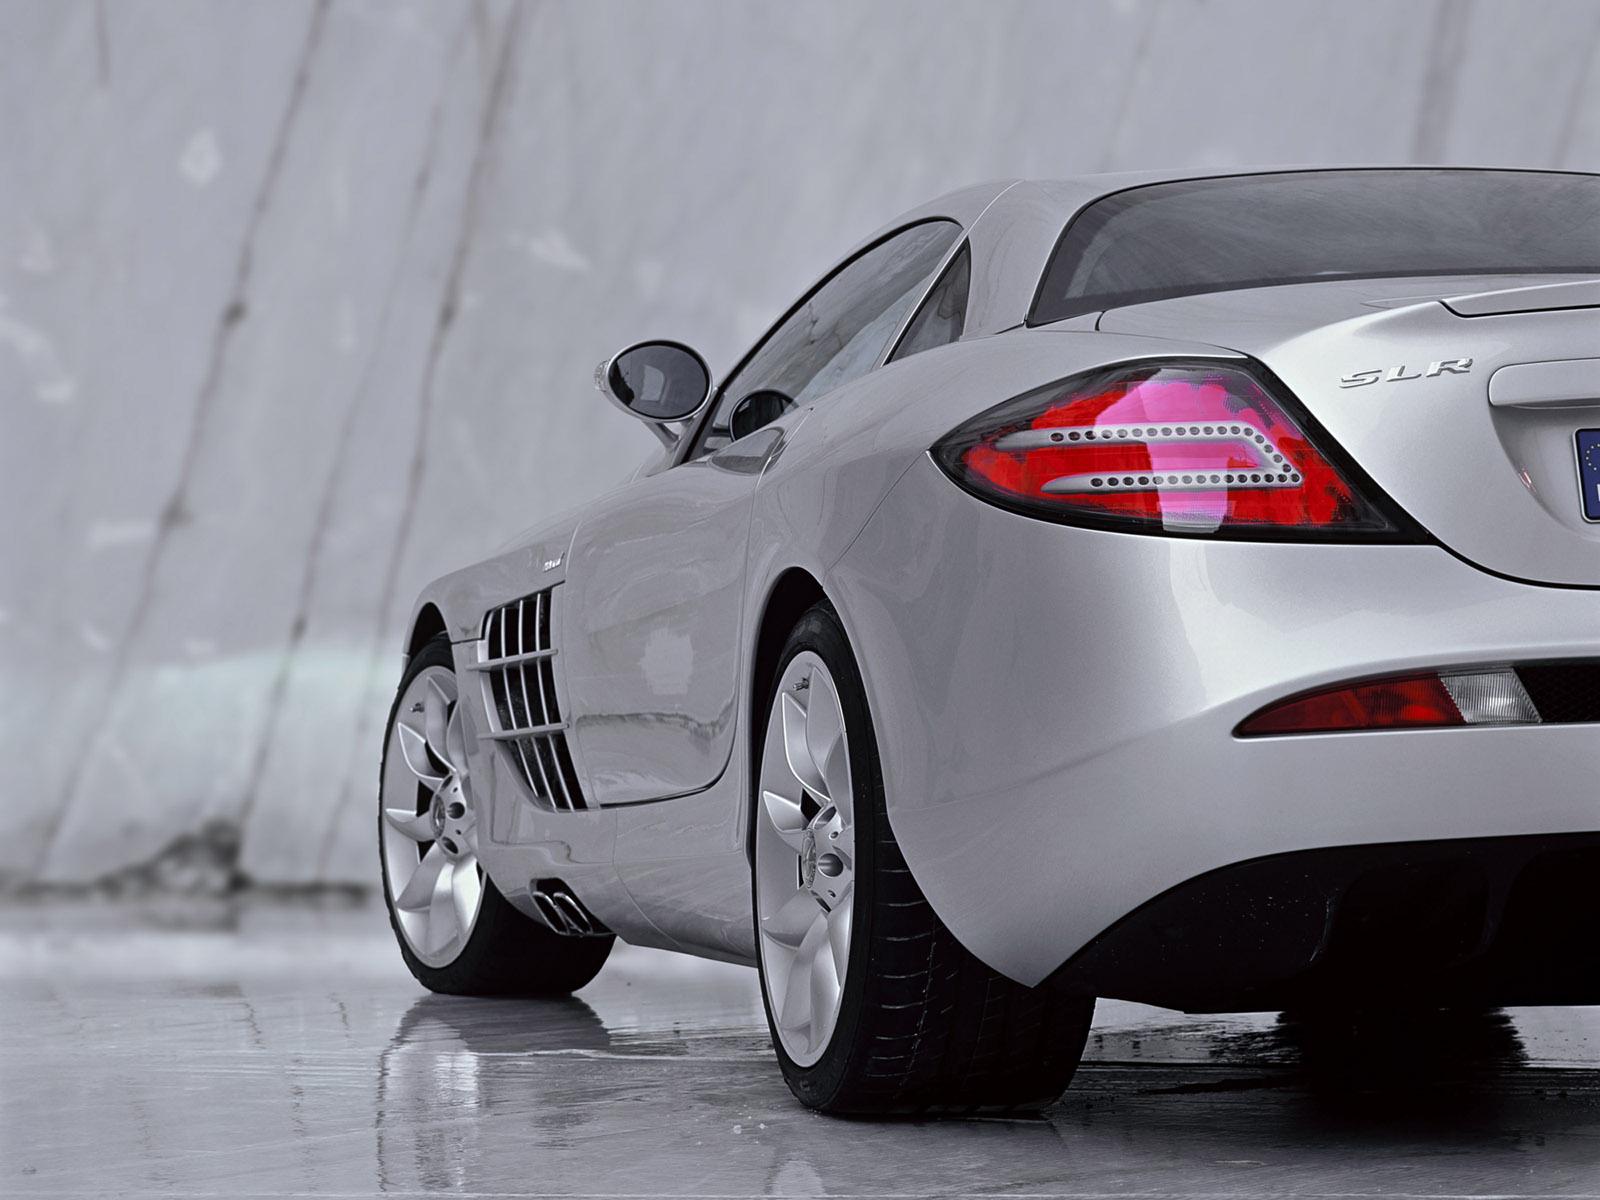 mercedes benz slr mclaren rear halfview 1600x1200 wallpaper - Mercedes Benz Slr Wallpaper Hd